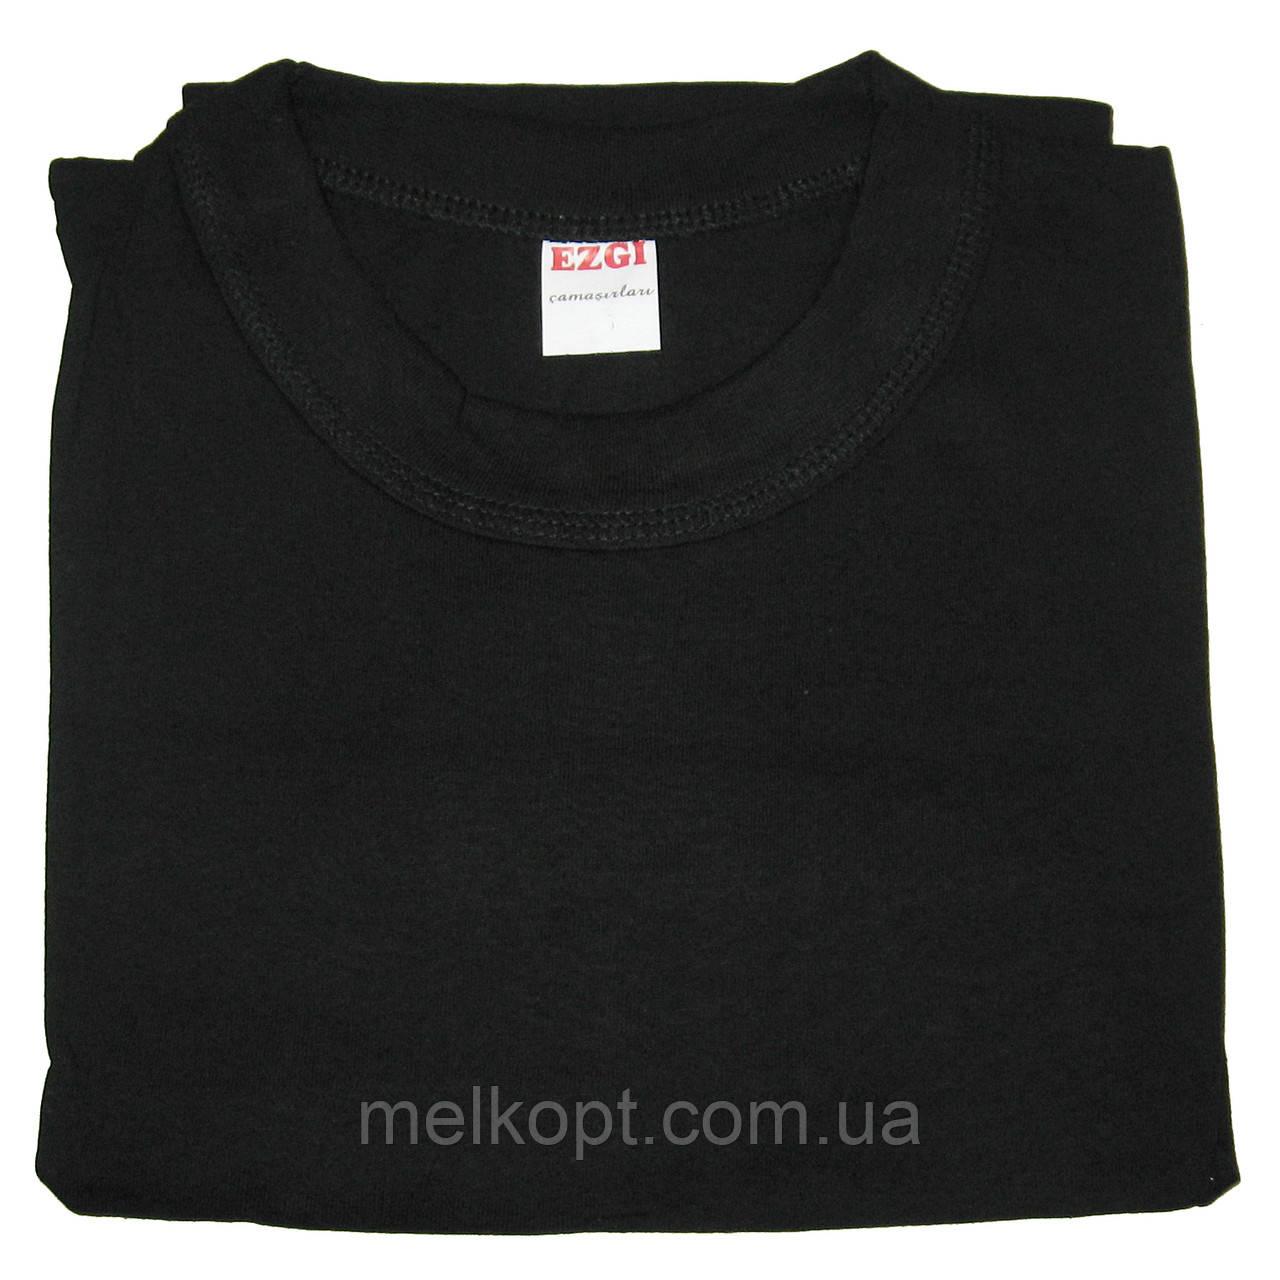 Чоловічі футболки Ezgi - 80,00 грн./шт. (80-й розмір, чорні)